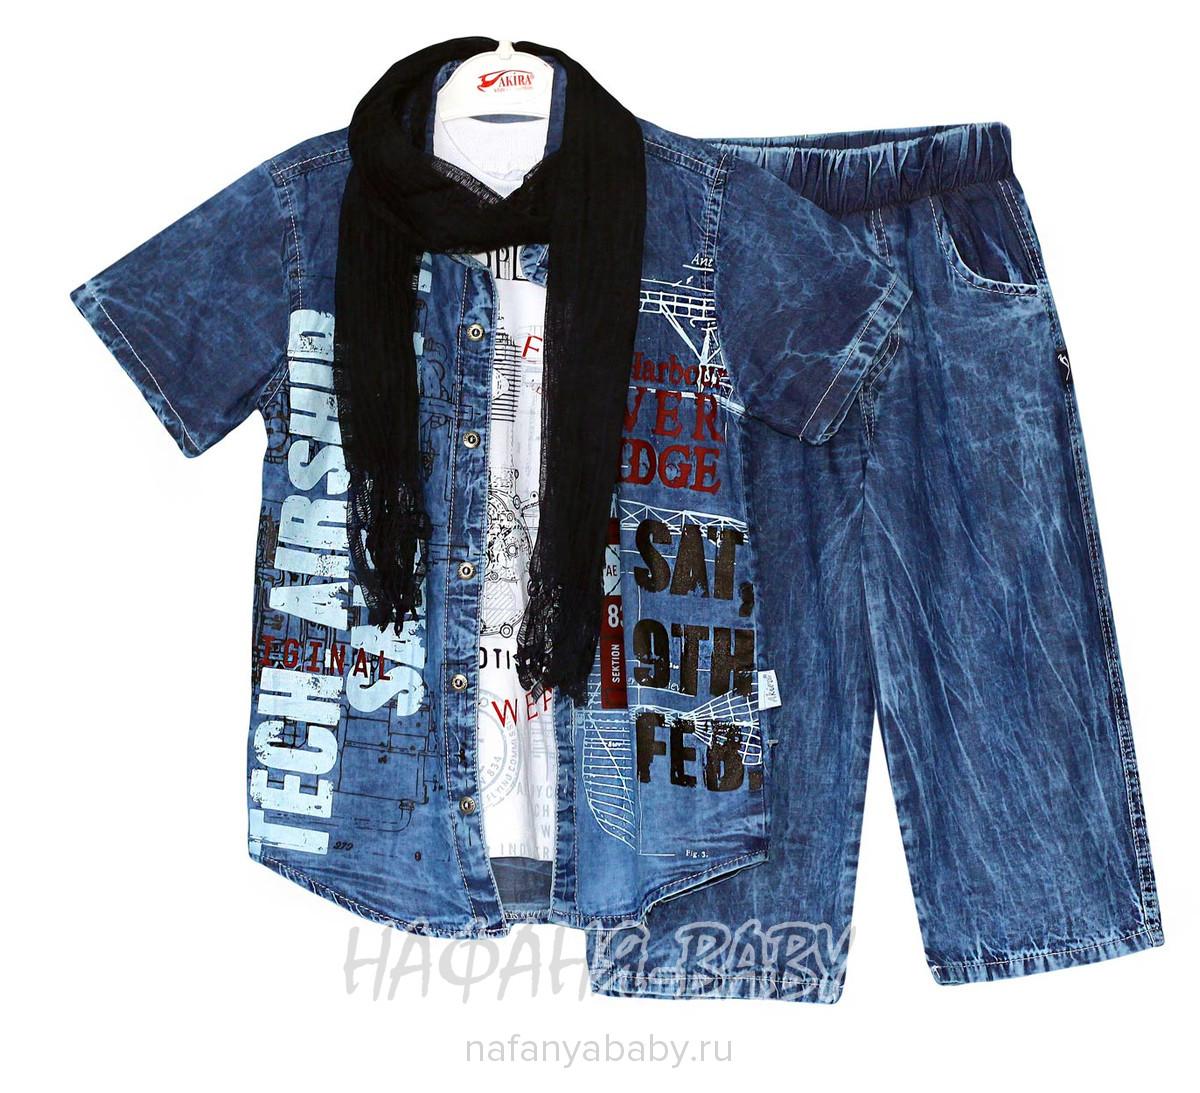 Детский джинсовый костюм AKIRA арт: 1690, 5-9 лет, цвет синий, оптом Турция